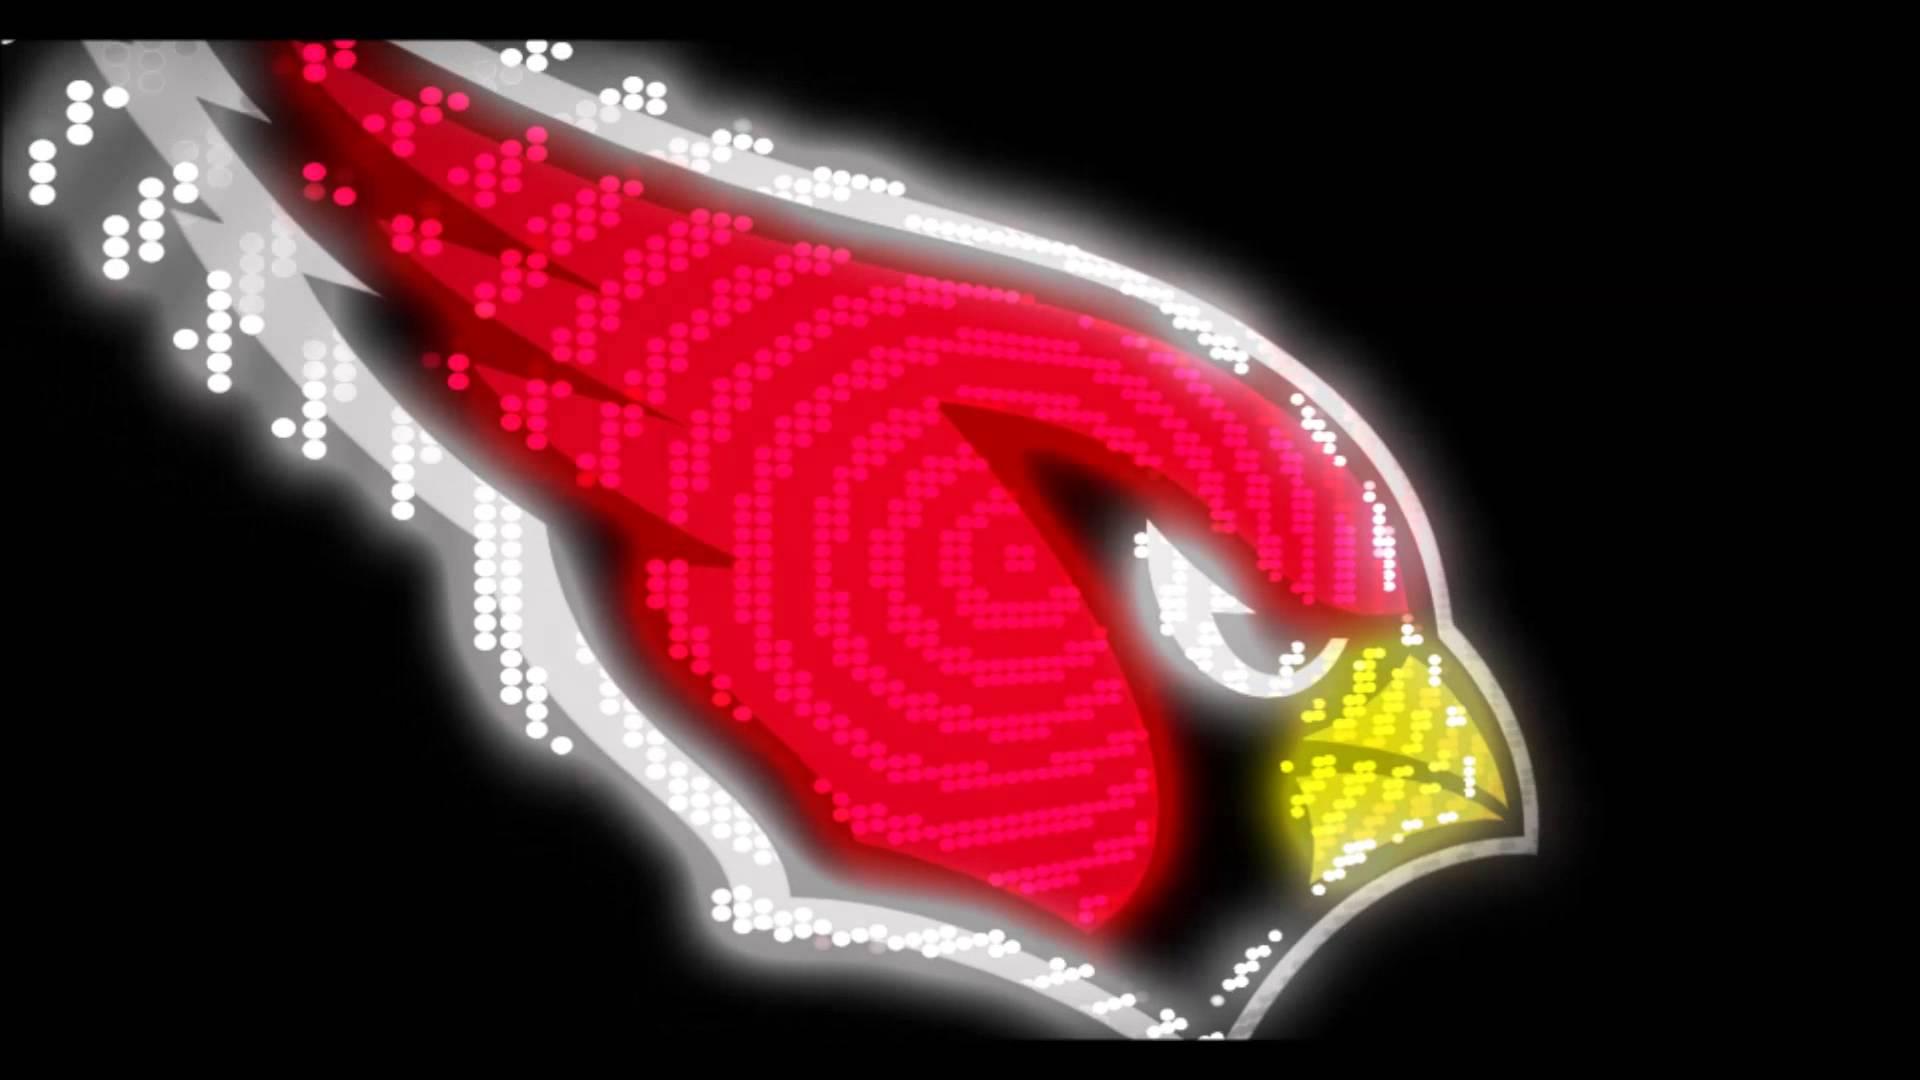 Arizona Cardinals 3 questions